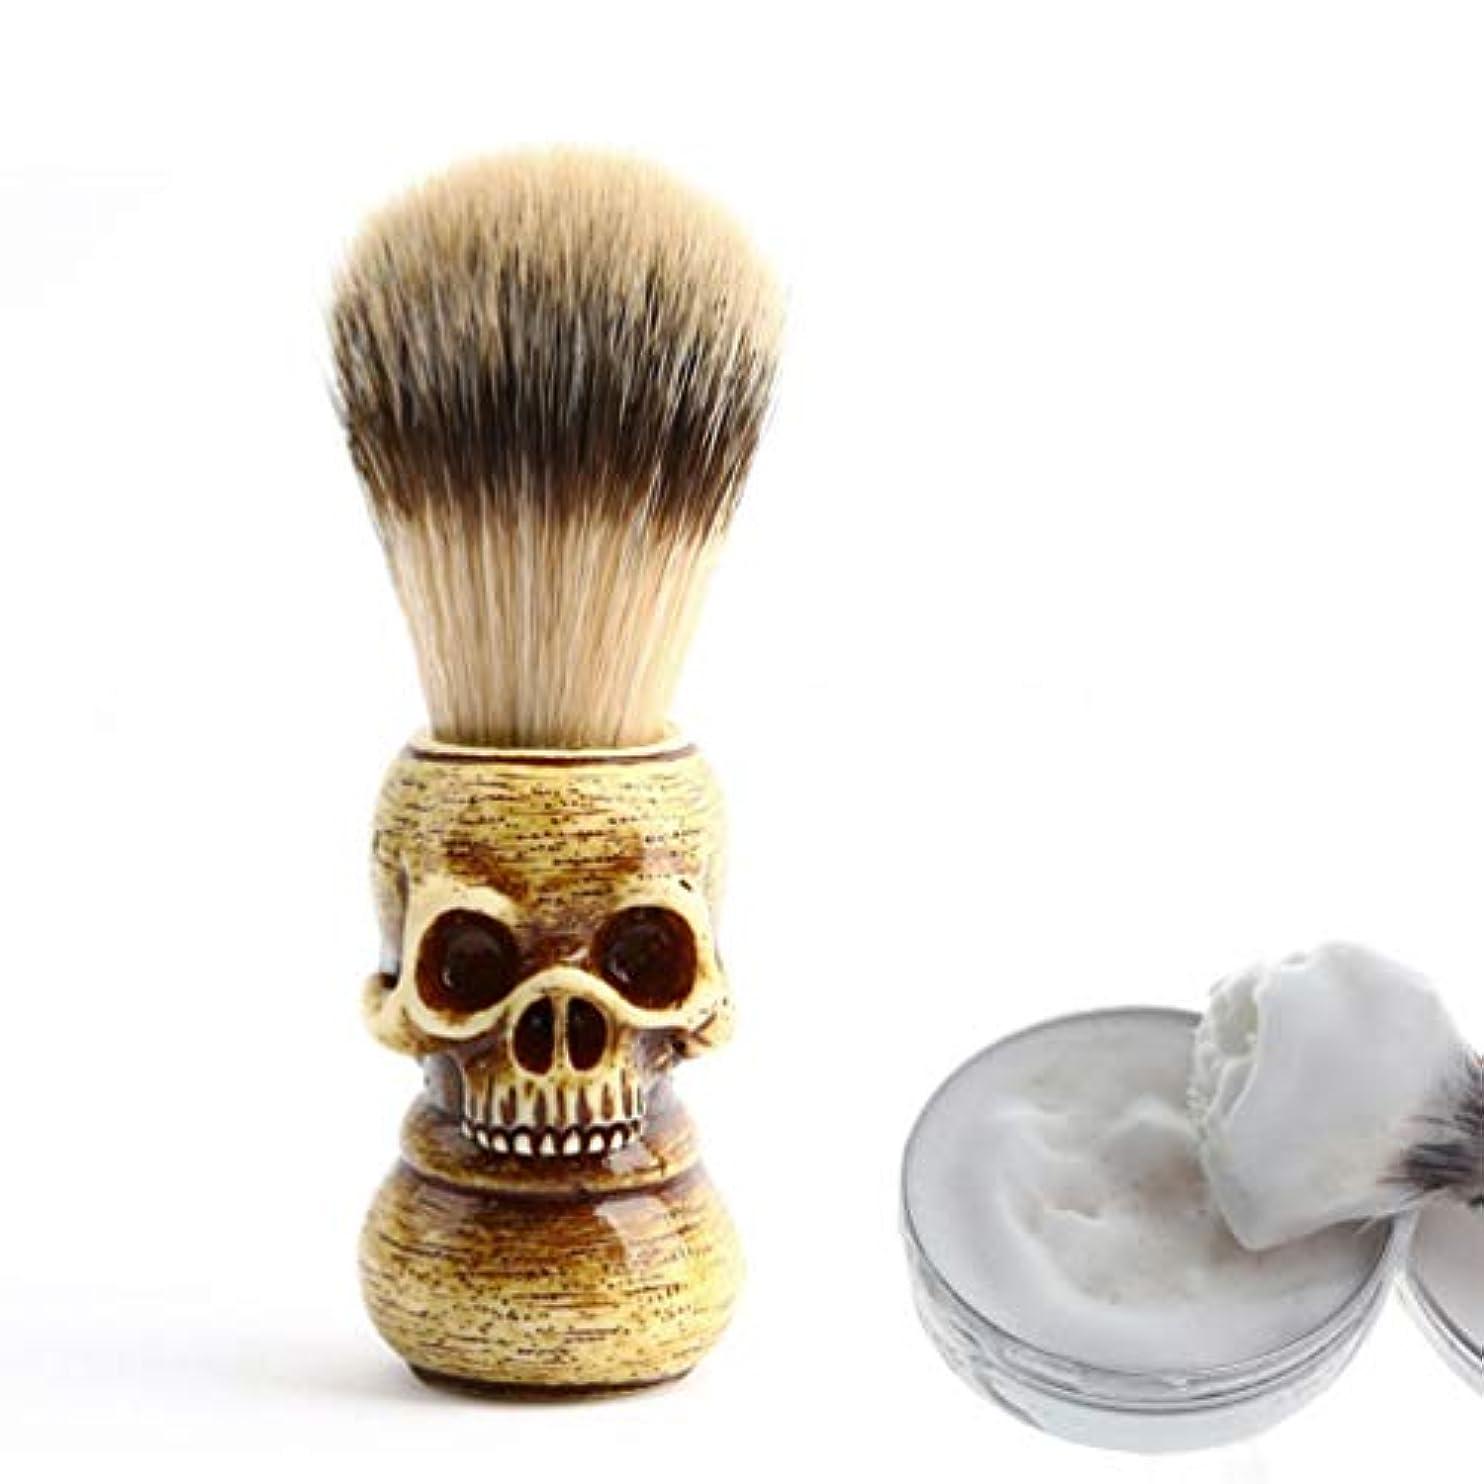 フラップ色摘むVosarea 1ピーススカルヘッドひげブラシポータブルメンズ軽量アナグマヘアブラシ口ひげ毛剃りブラシグルーミングツール